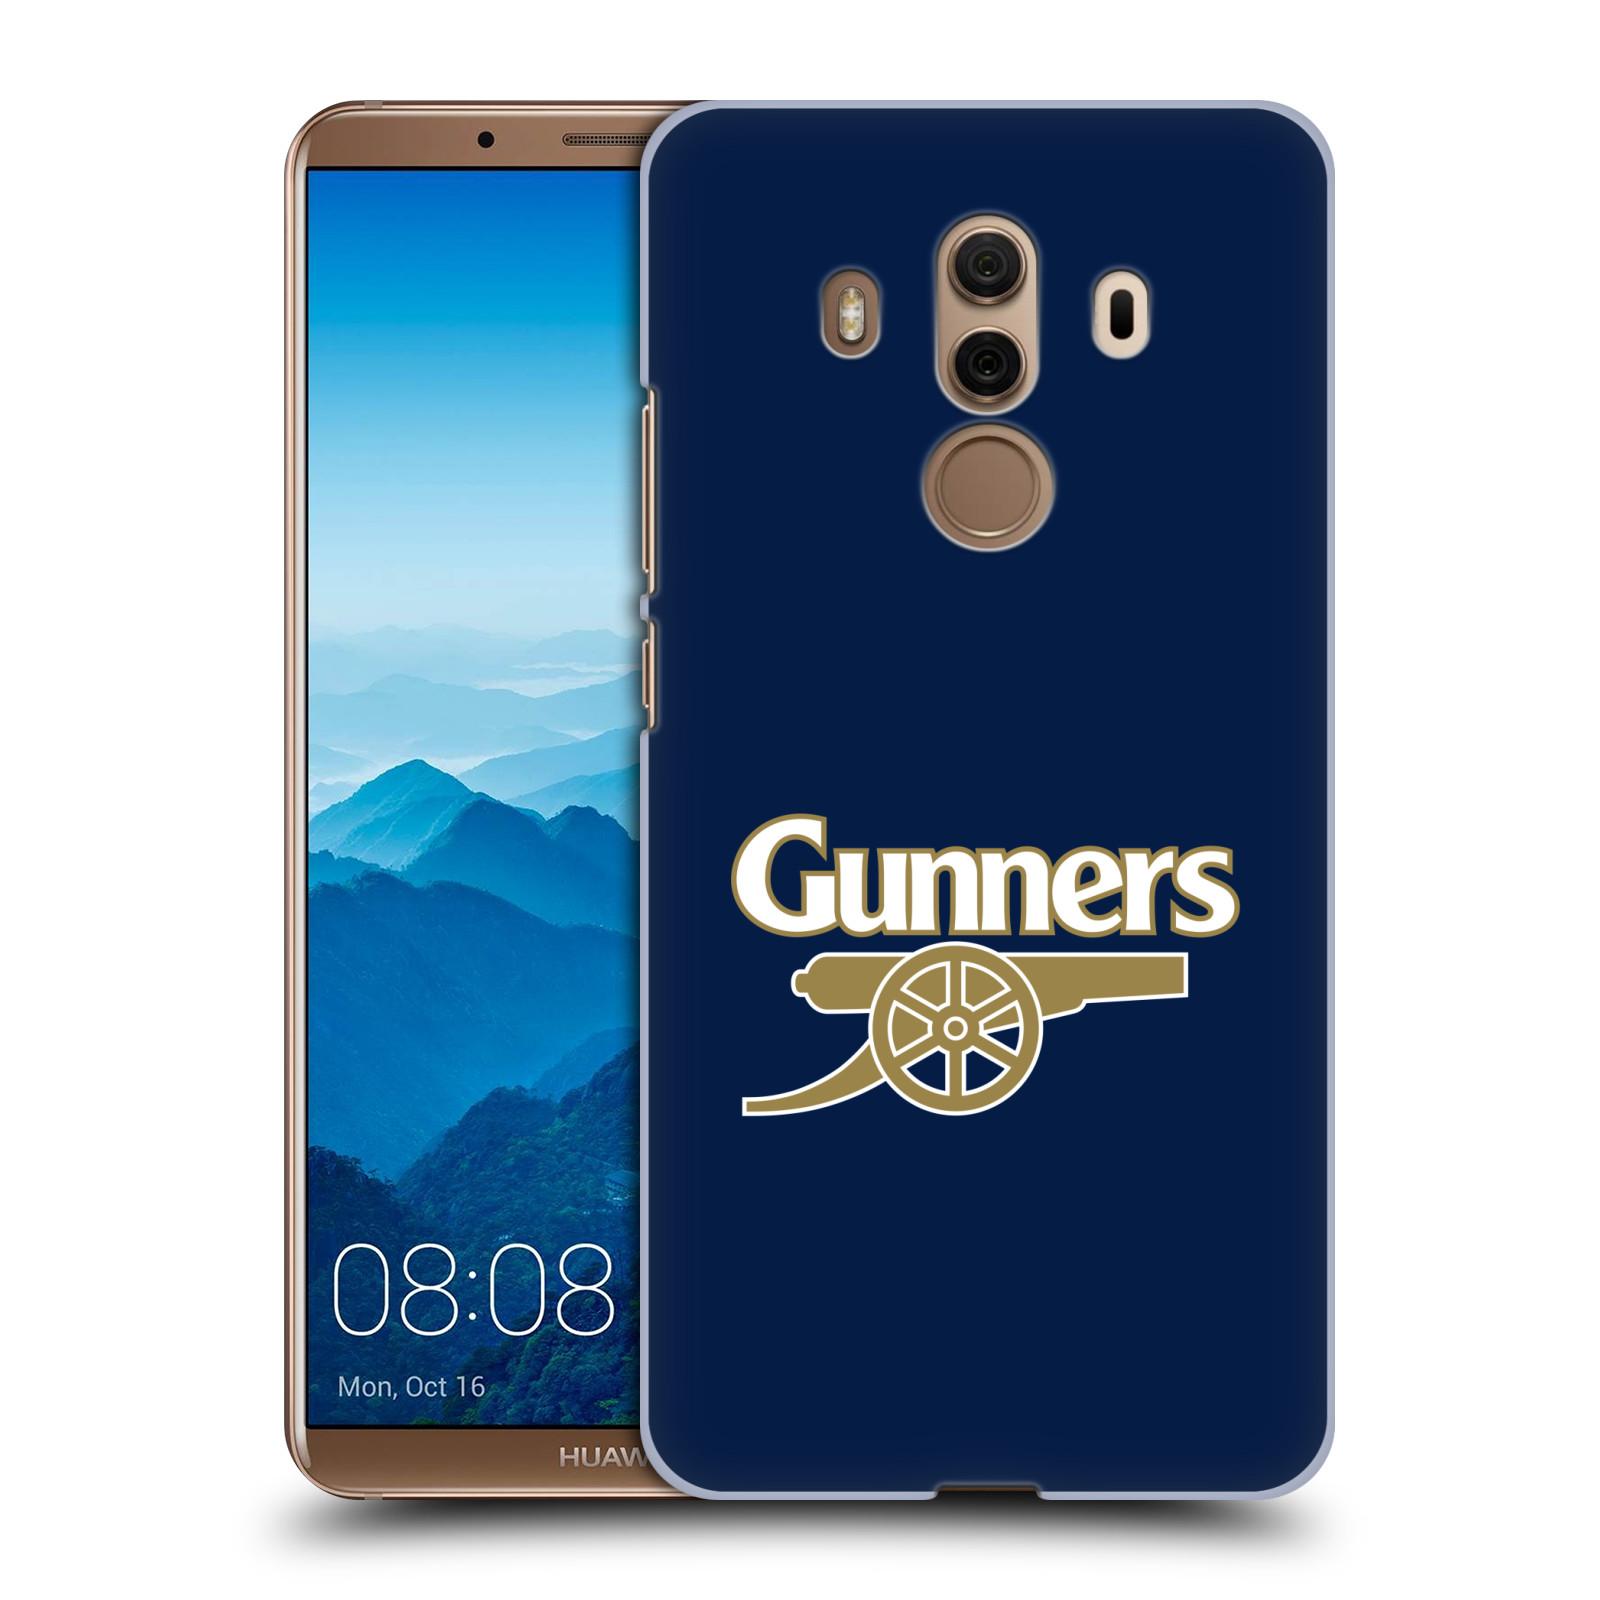 Plastové pouzdro na mobil Huawei Mate 10 Pro - Head Case - Arsenal FC - Gunners